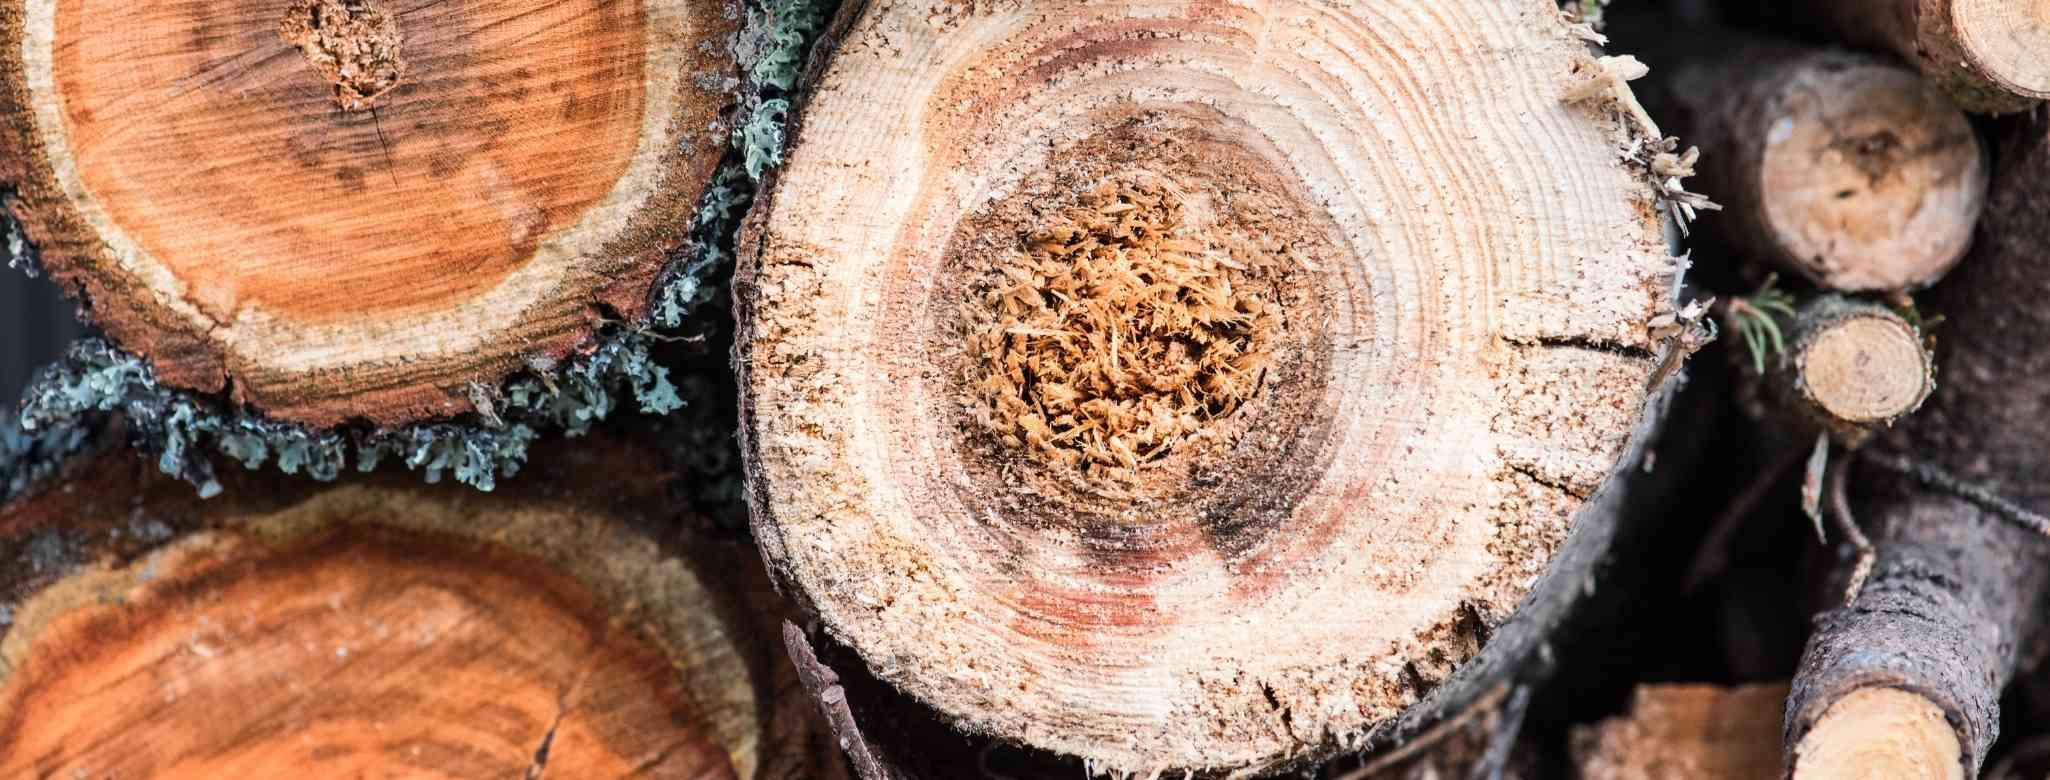 כרית עצים במקום גיזום